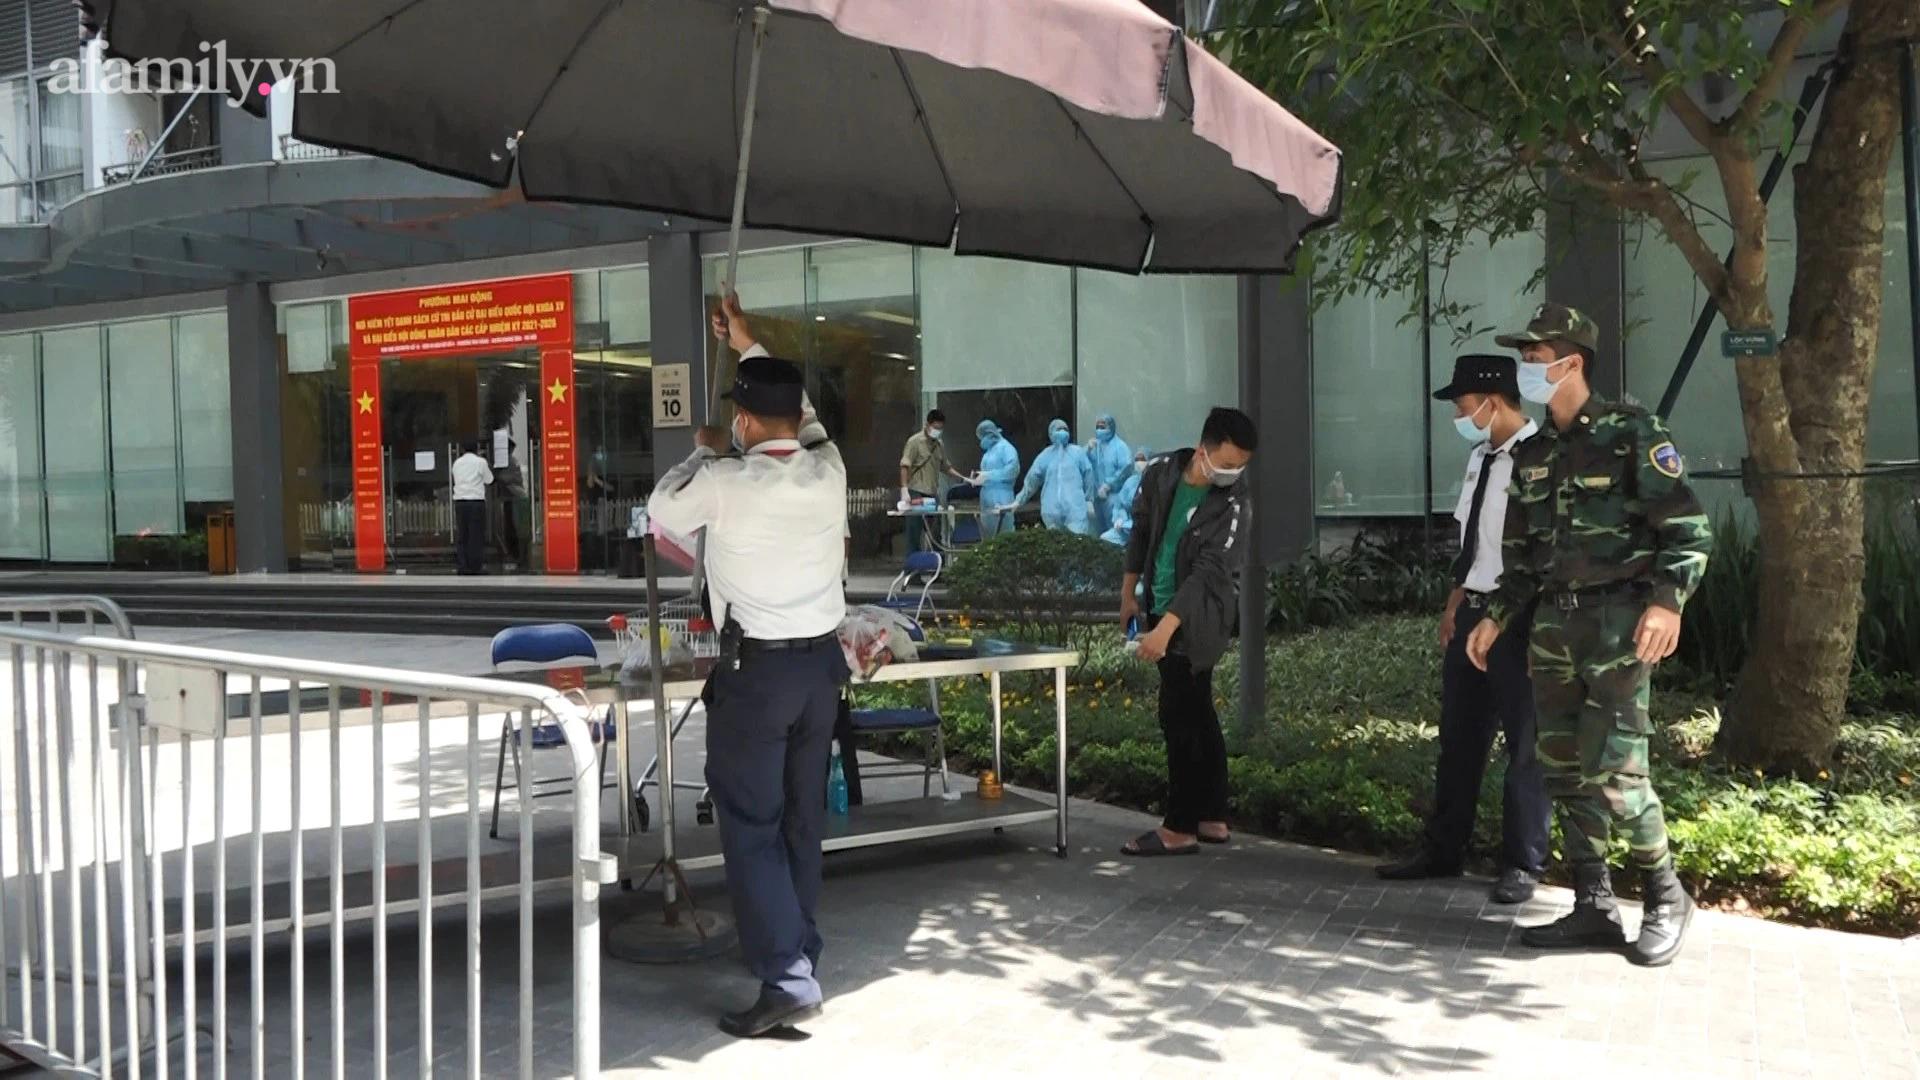 Hà Nội: Phong tỏa tòa nhà chung cư cao cấp nơi bệnh nhân người Ấn Độ nghi nhiễm Covid-19 - Ảnh 8.